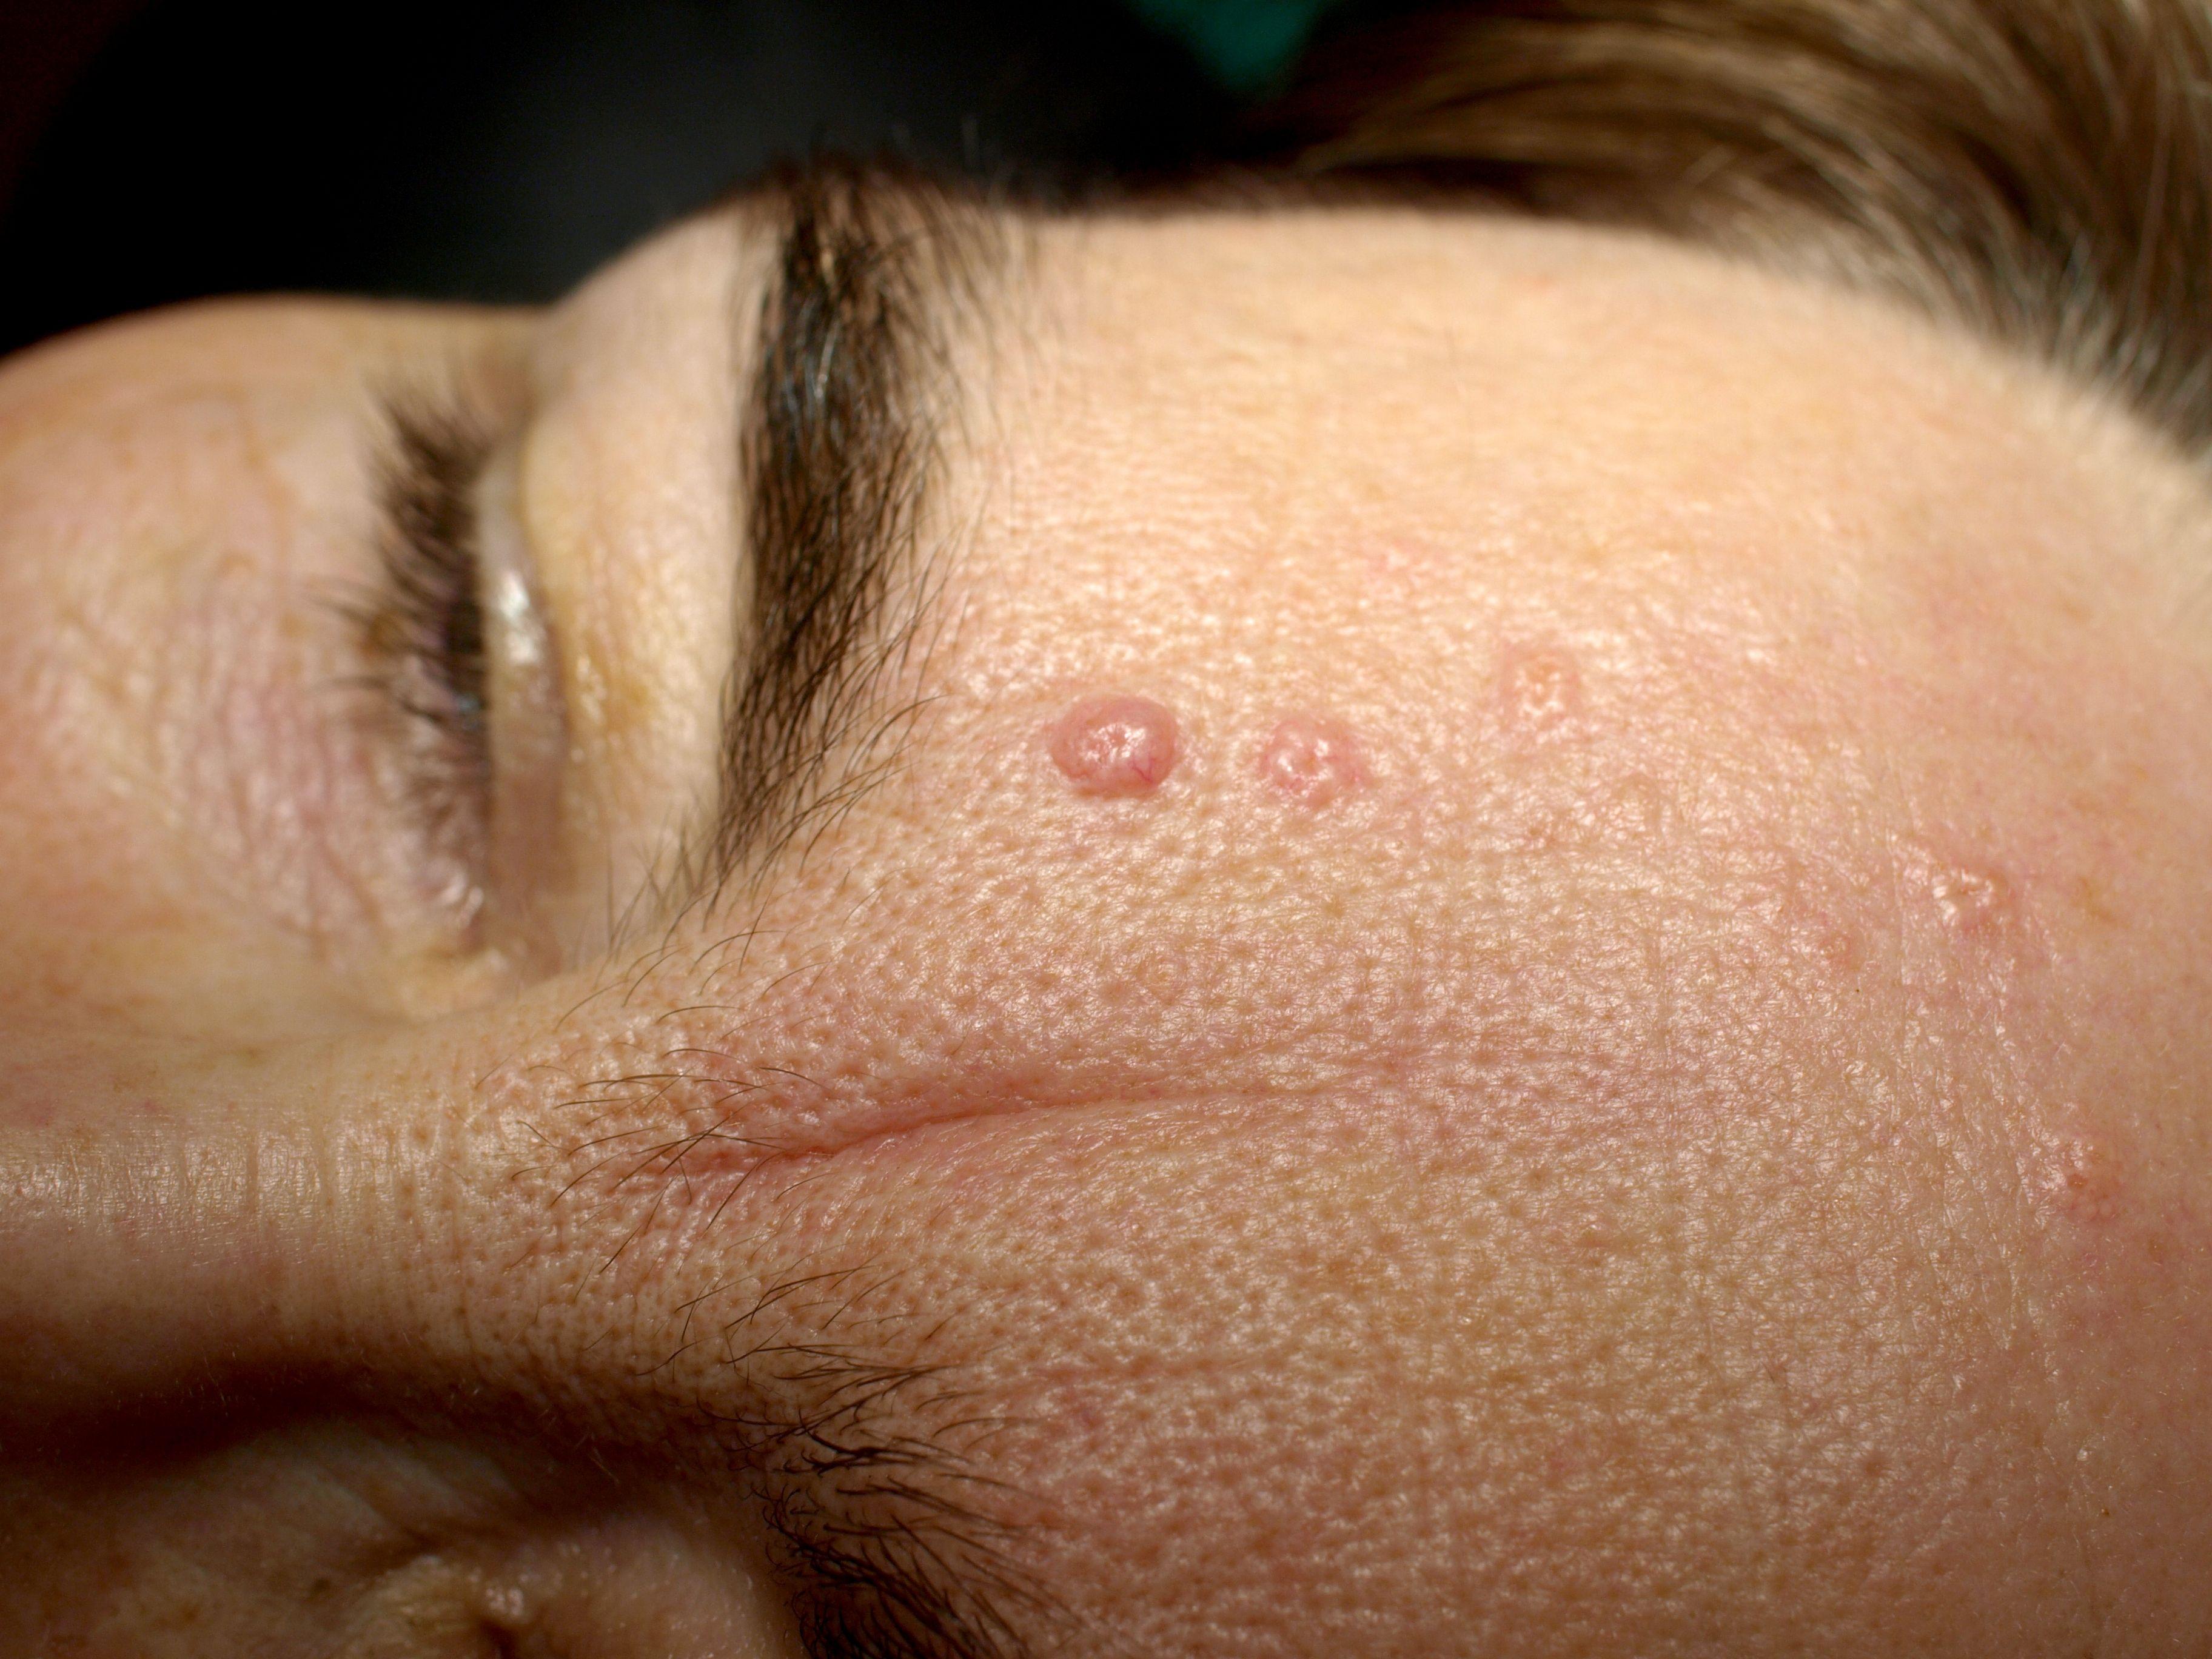 papilloma wart on scalp hpv strain penile cancer